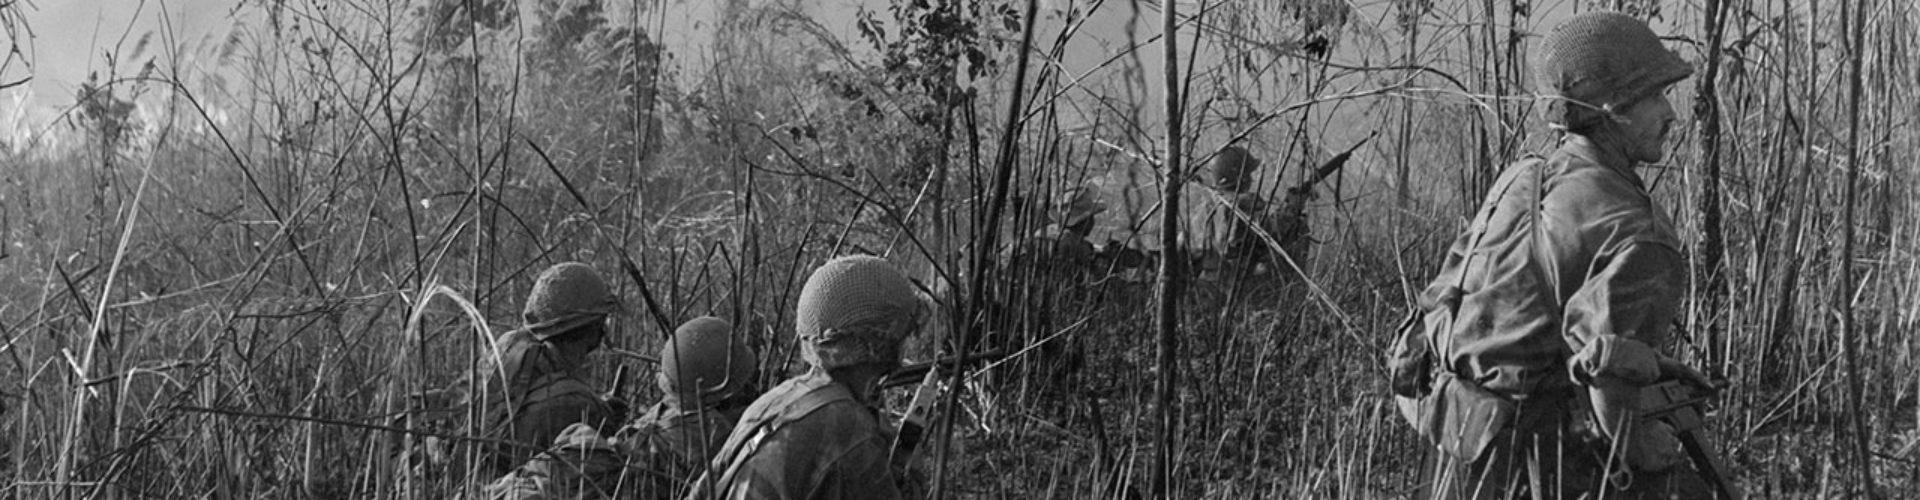 Bannière La fin du conflit indochinois, entre décolonisation et guerre froide